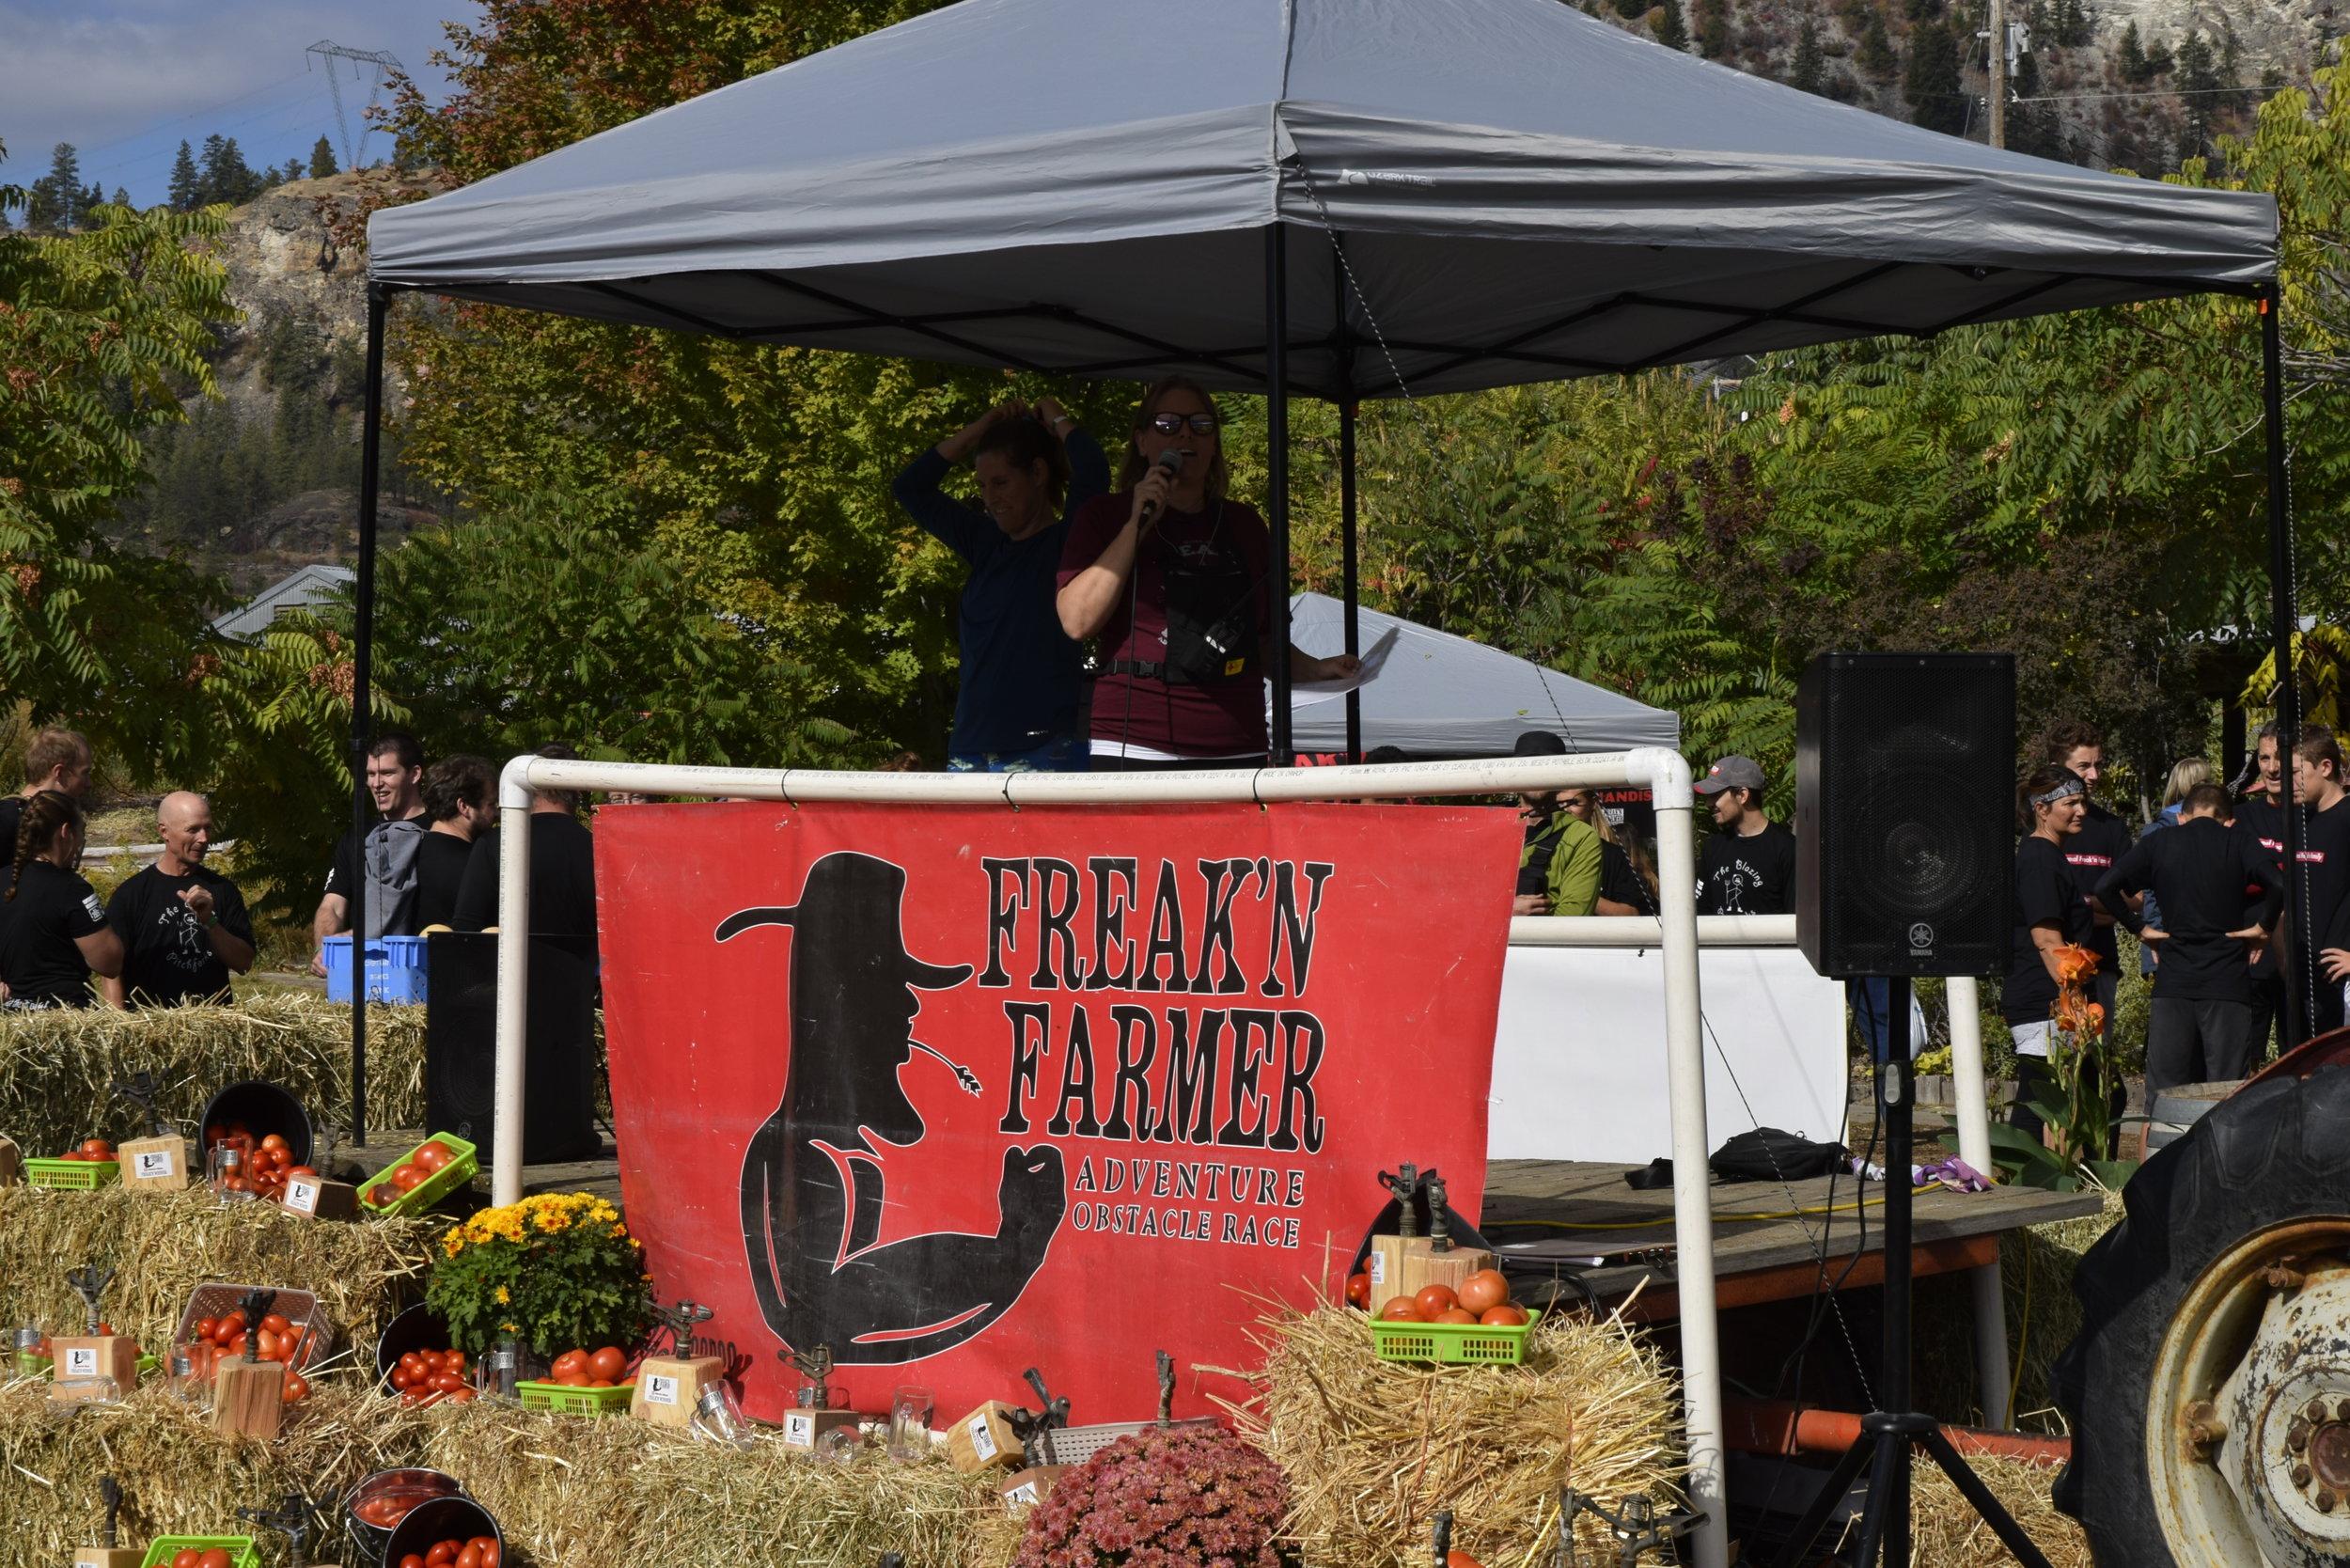 2018 Freak'n Farmer Event